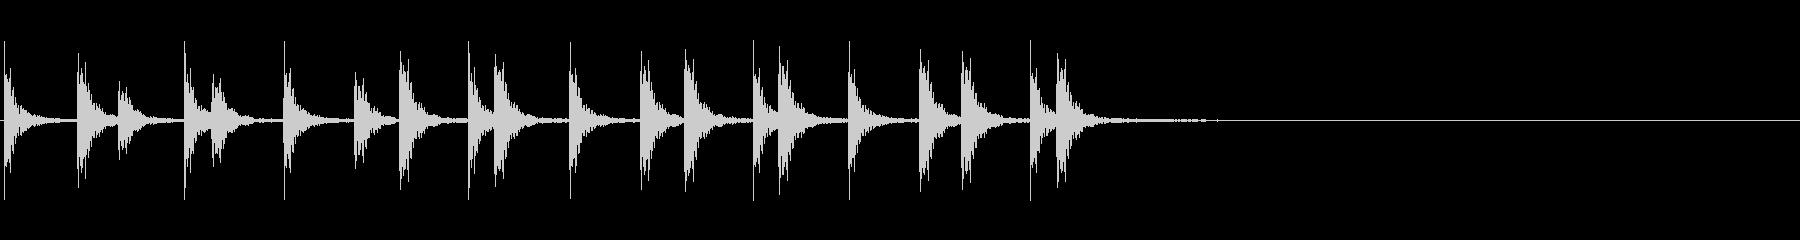 相撲の触れ太鼓「大拍子」フレーズ音2FXの未再生の波形